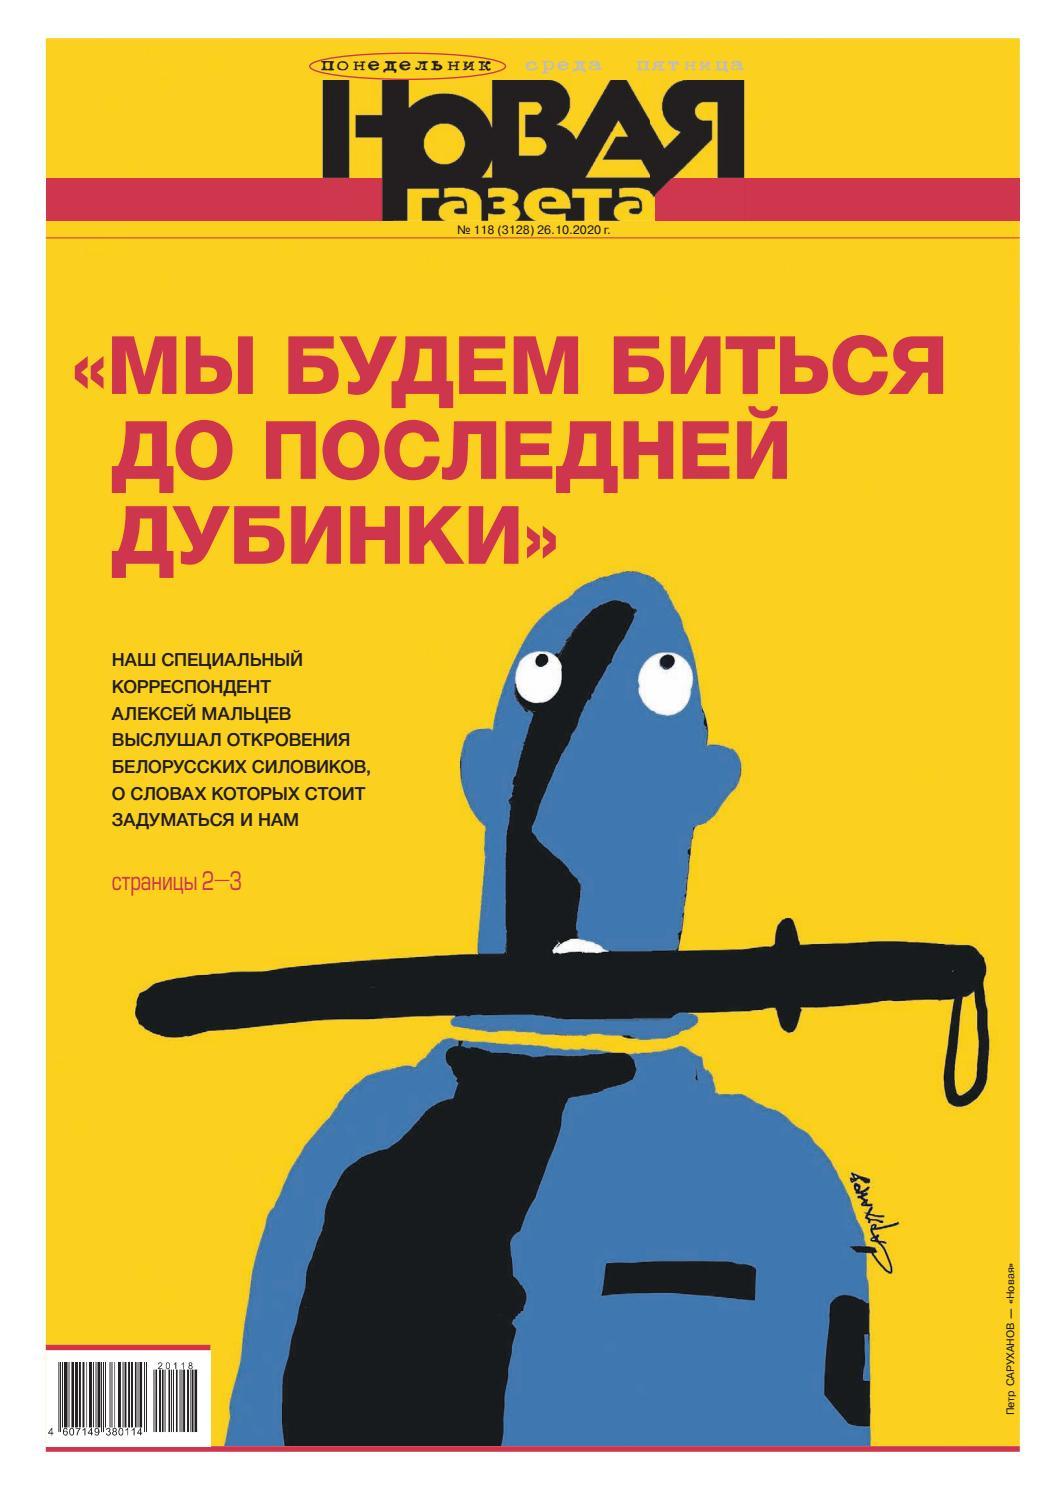 Новая газета №118, октябрь 2020